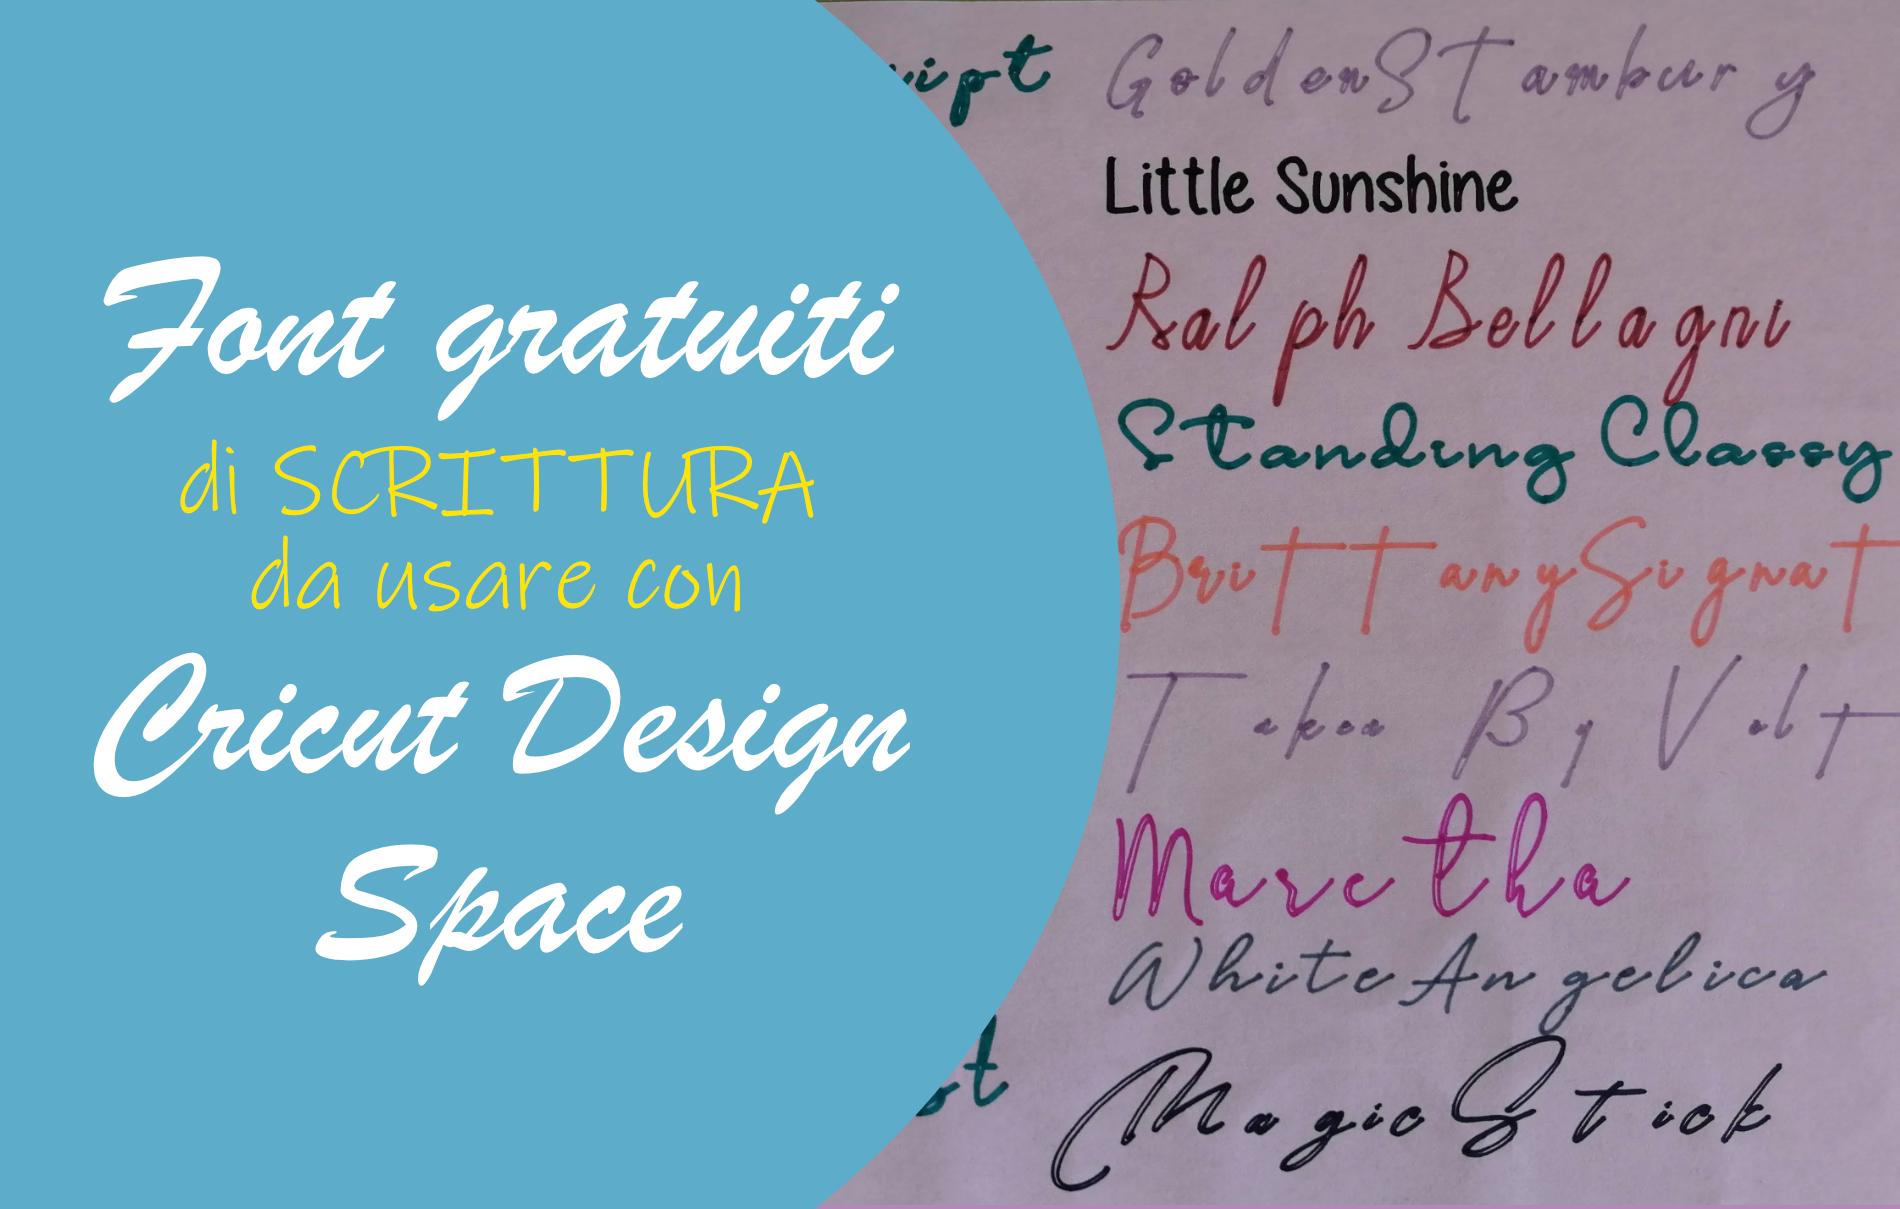 font gratuiti scrittura cricut design space